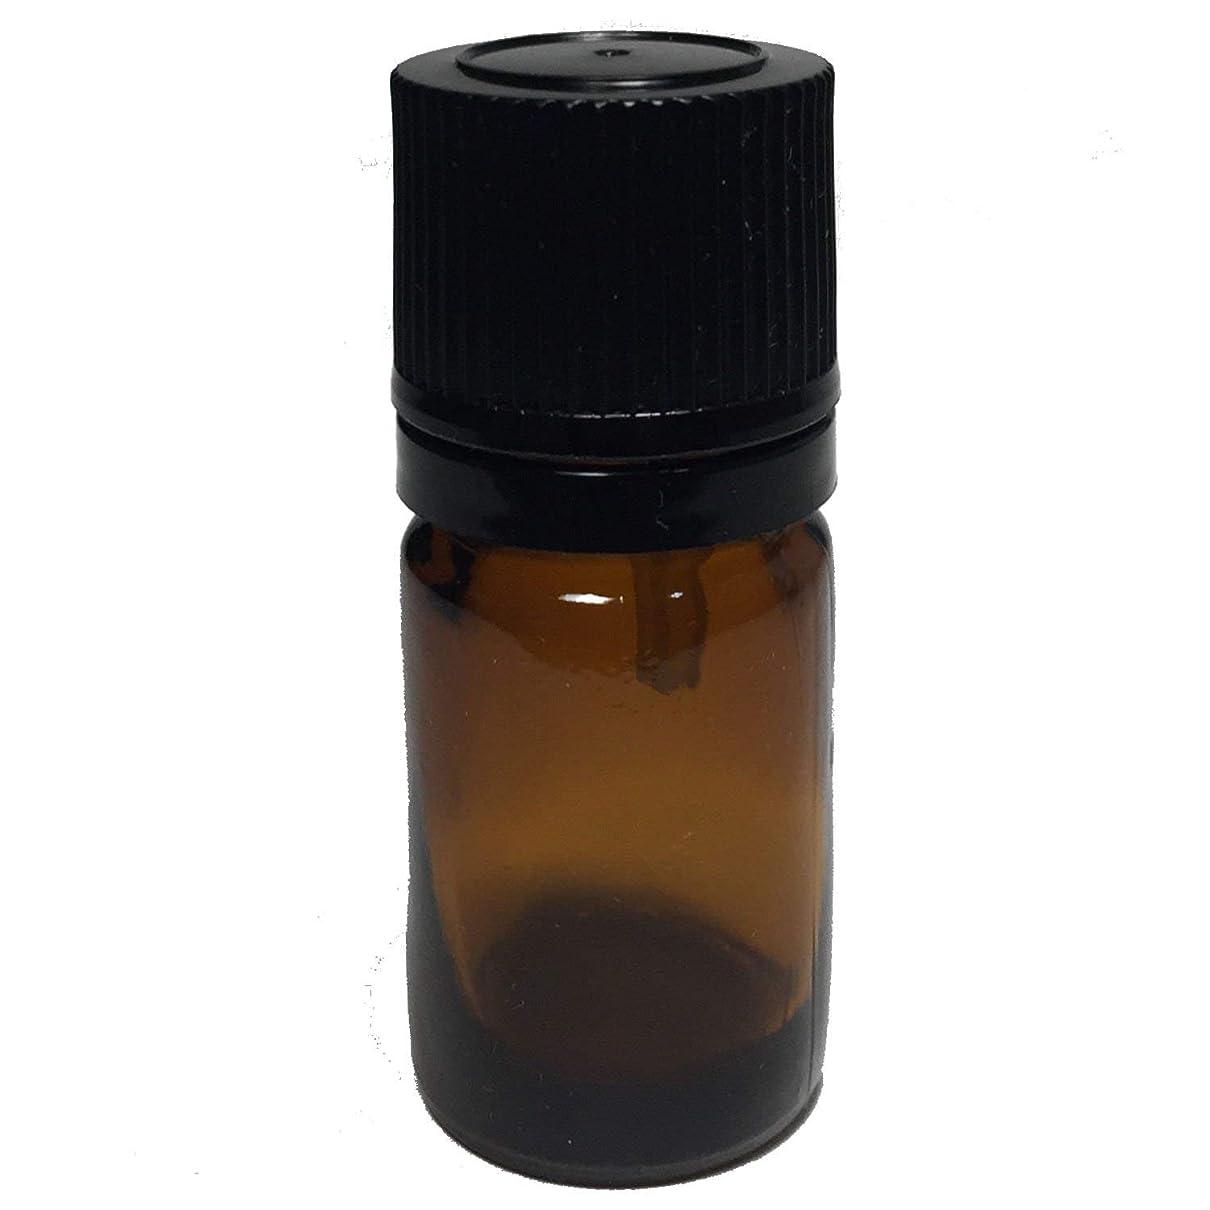 エンディングラメ雰囲気エッセンシャルオイル用茶色遮光瓶 ドロッパー付き(黒キャップ) 5ml ガラスビン 10本セット